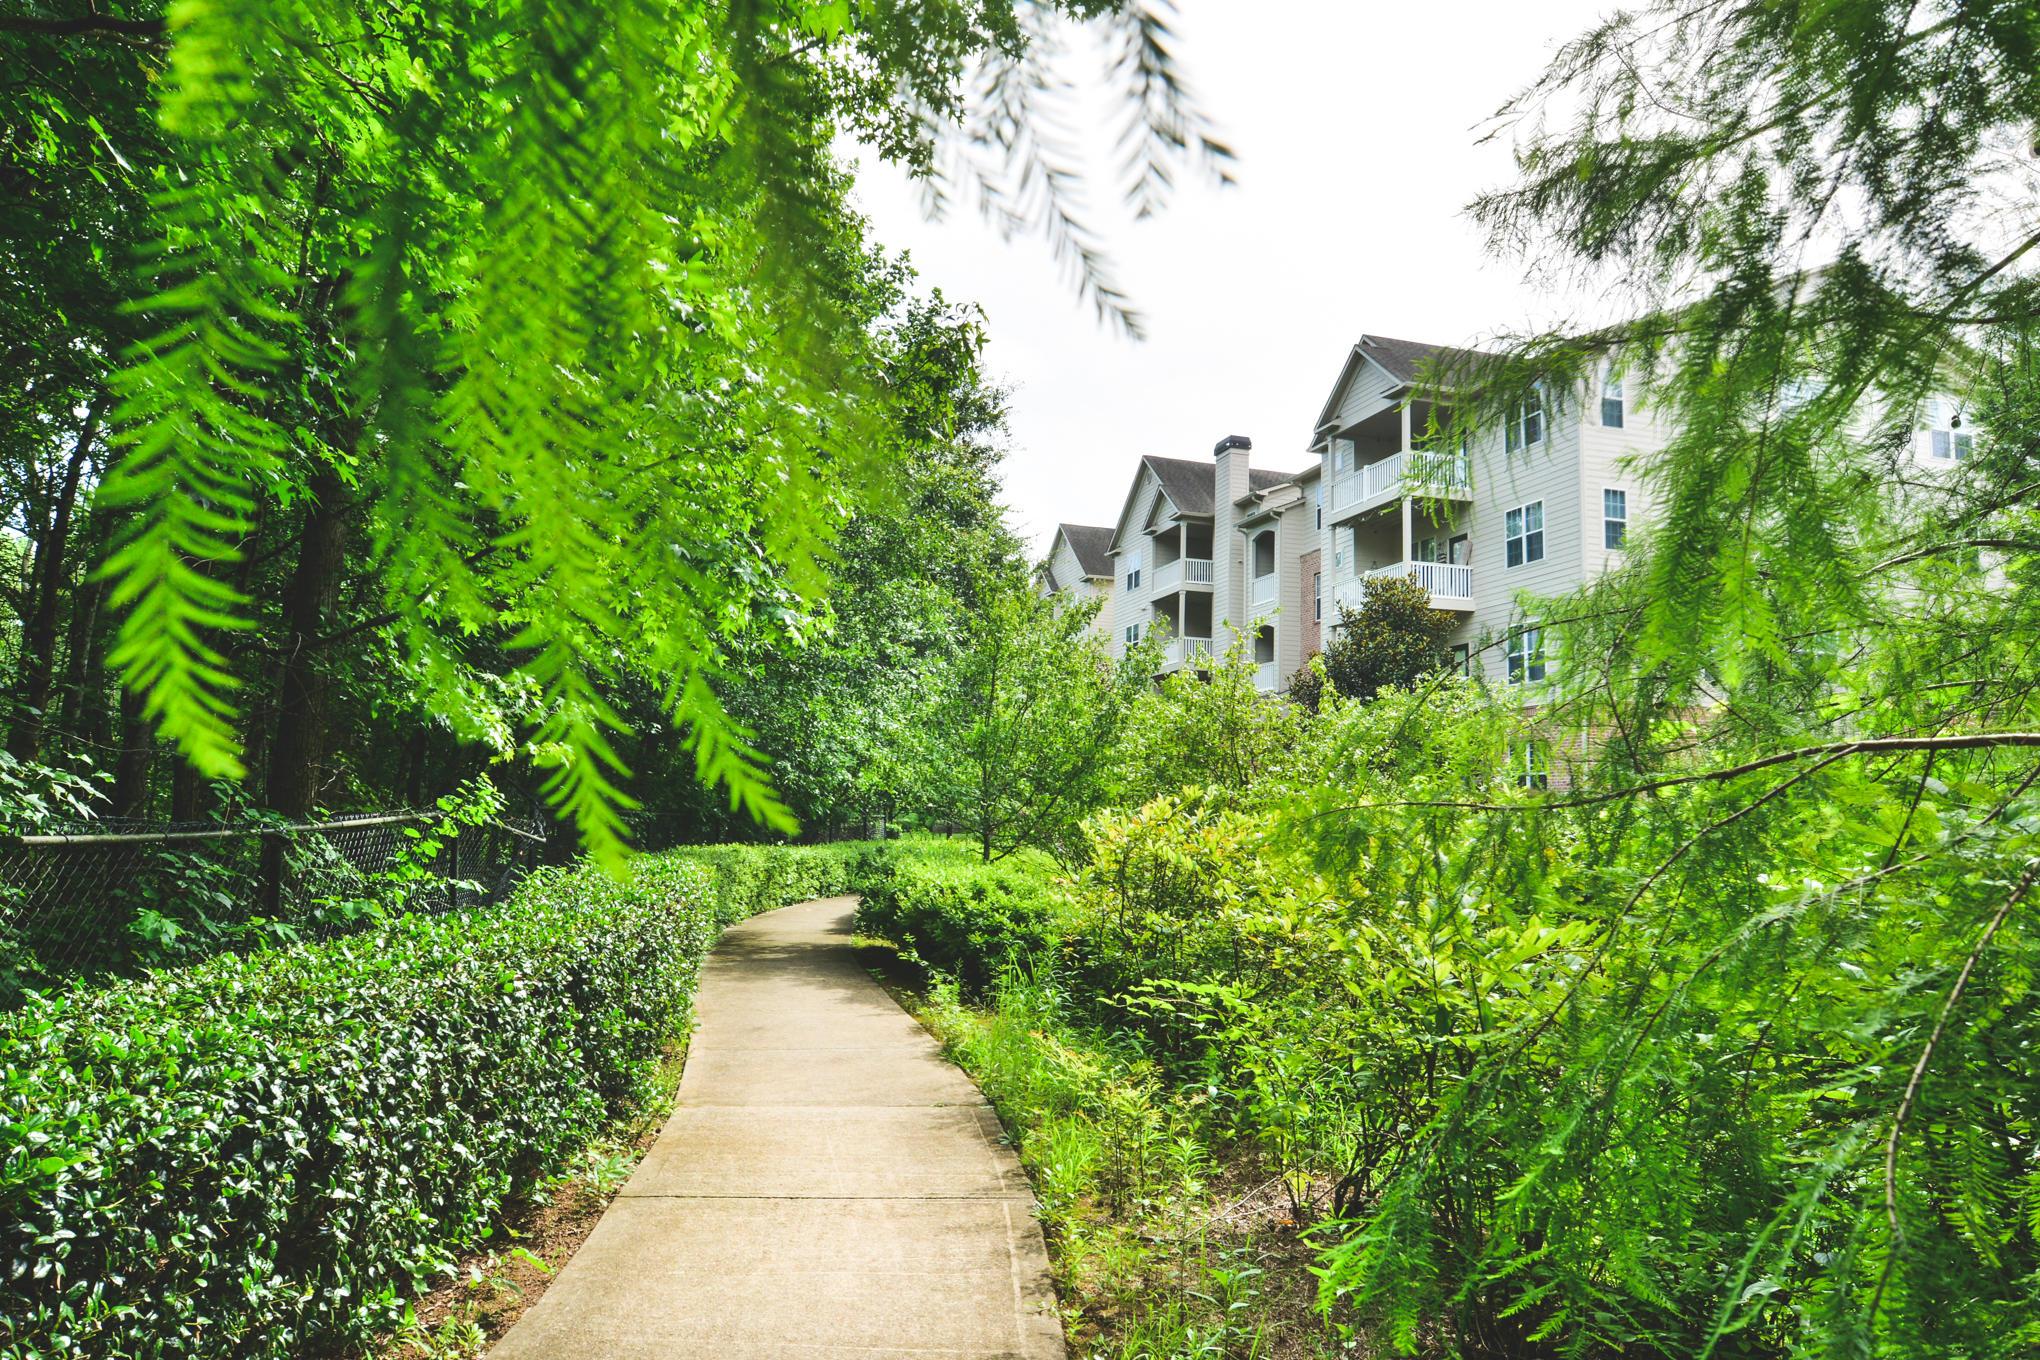 Tree Park image 4